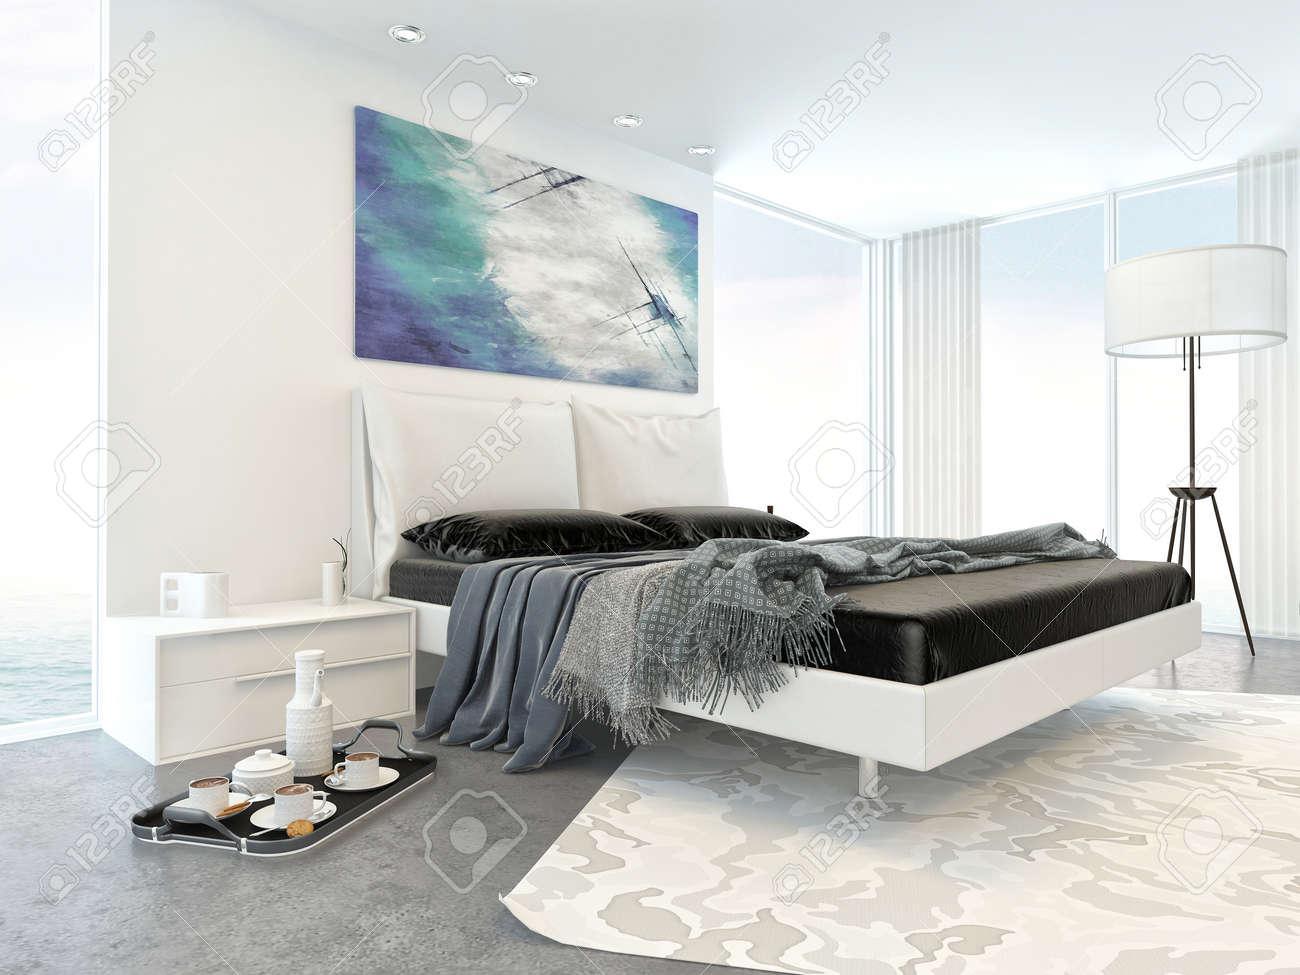 Intérieur de Chambre Blanc Moderne Appartement avec Lit et meubles minimale